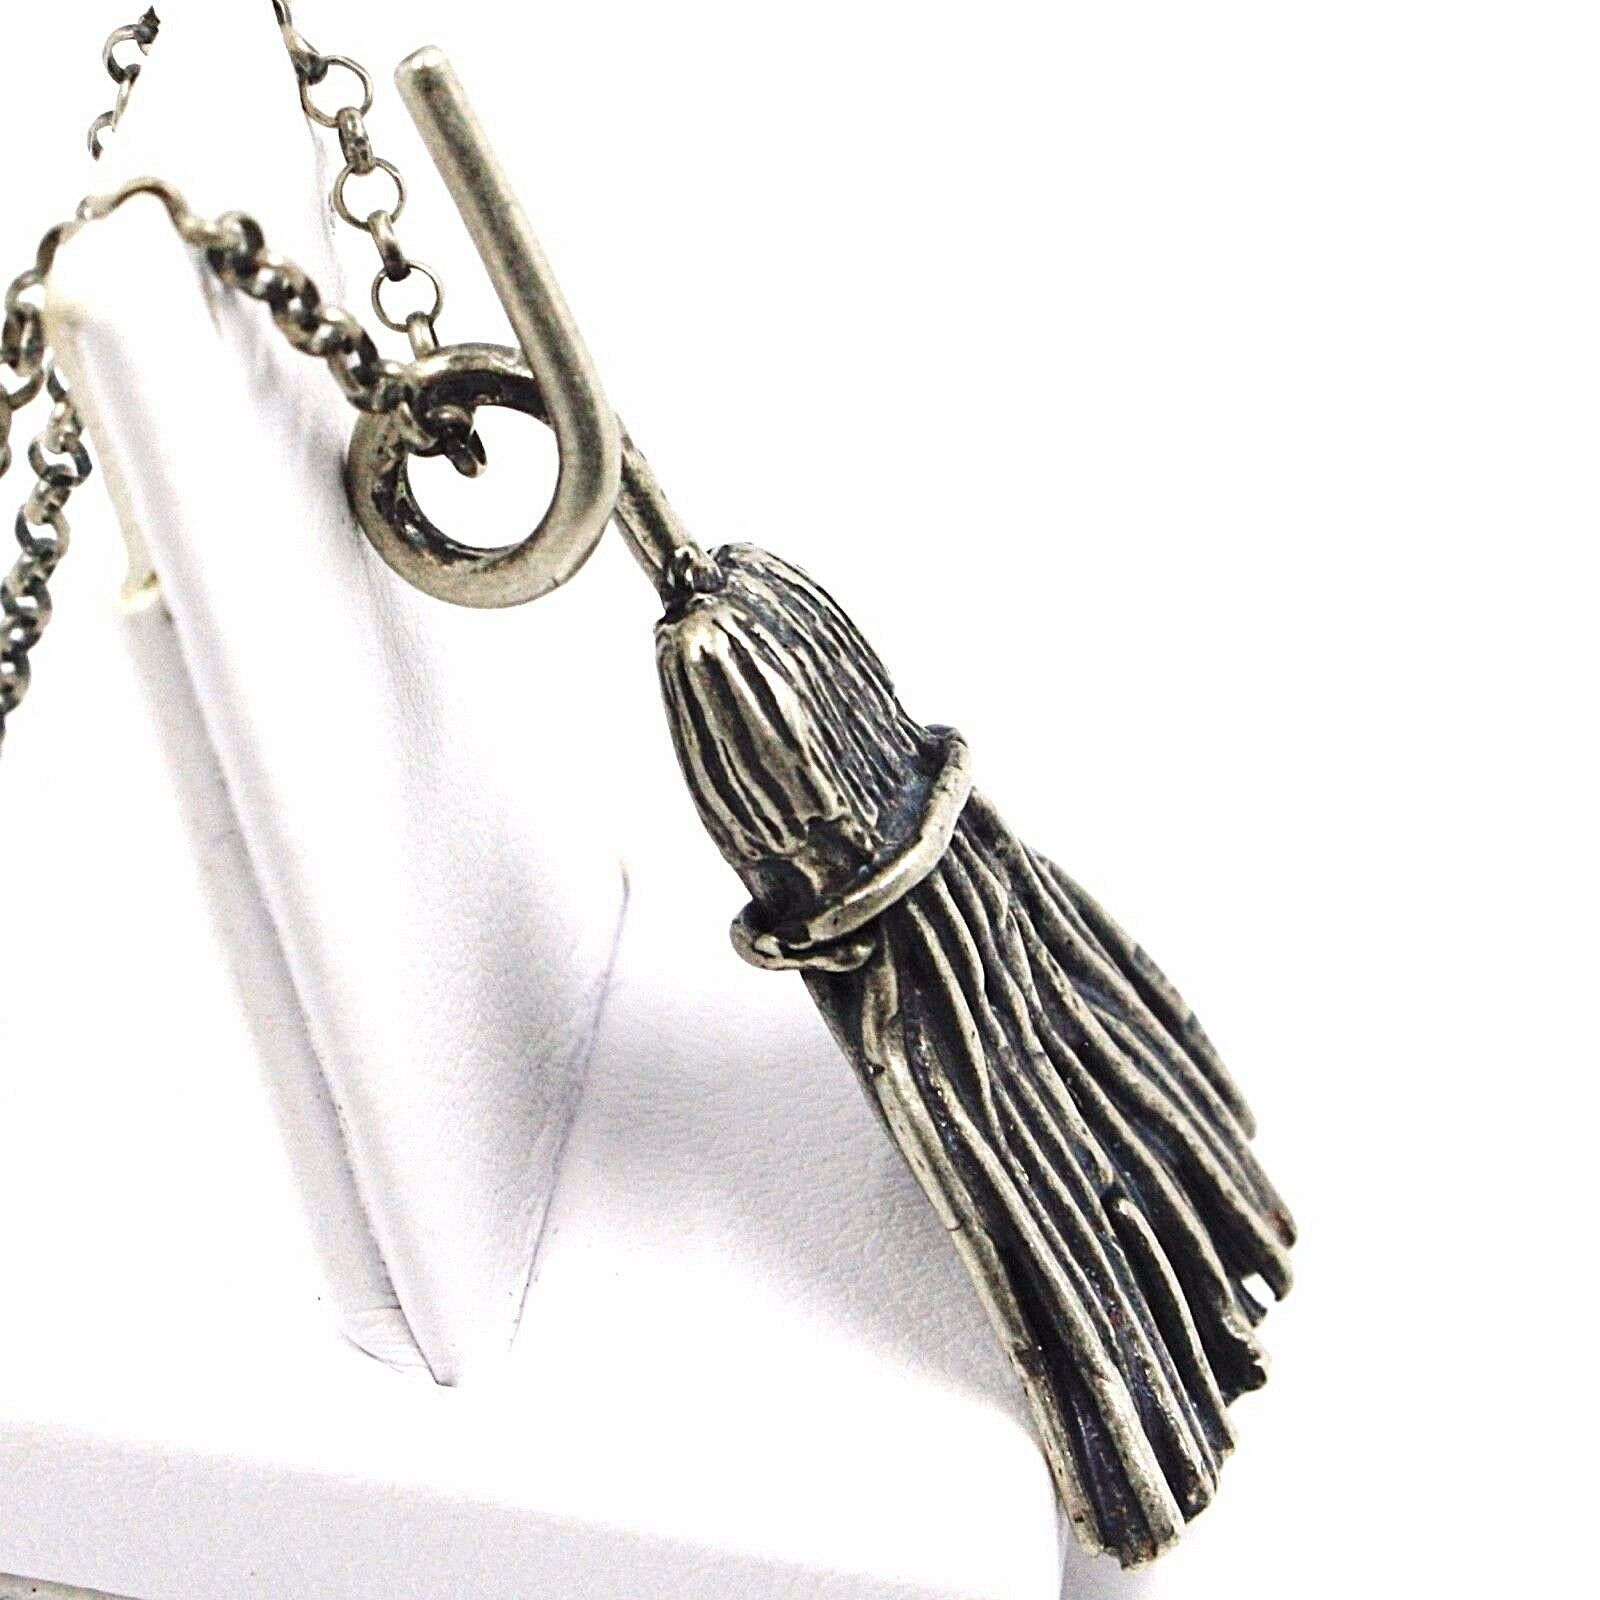 Halskette und Anhänger, Silber 925, Brüniert Matt, Besen, Hexe, Kette Rolo image 2